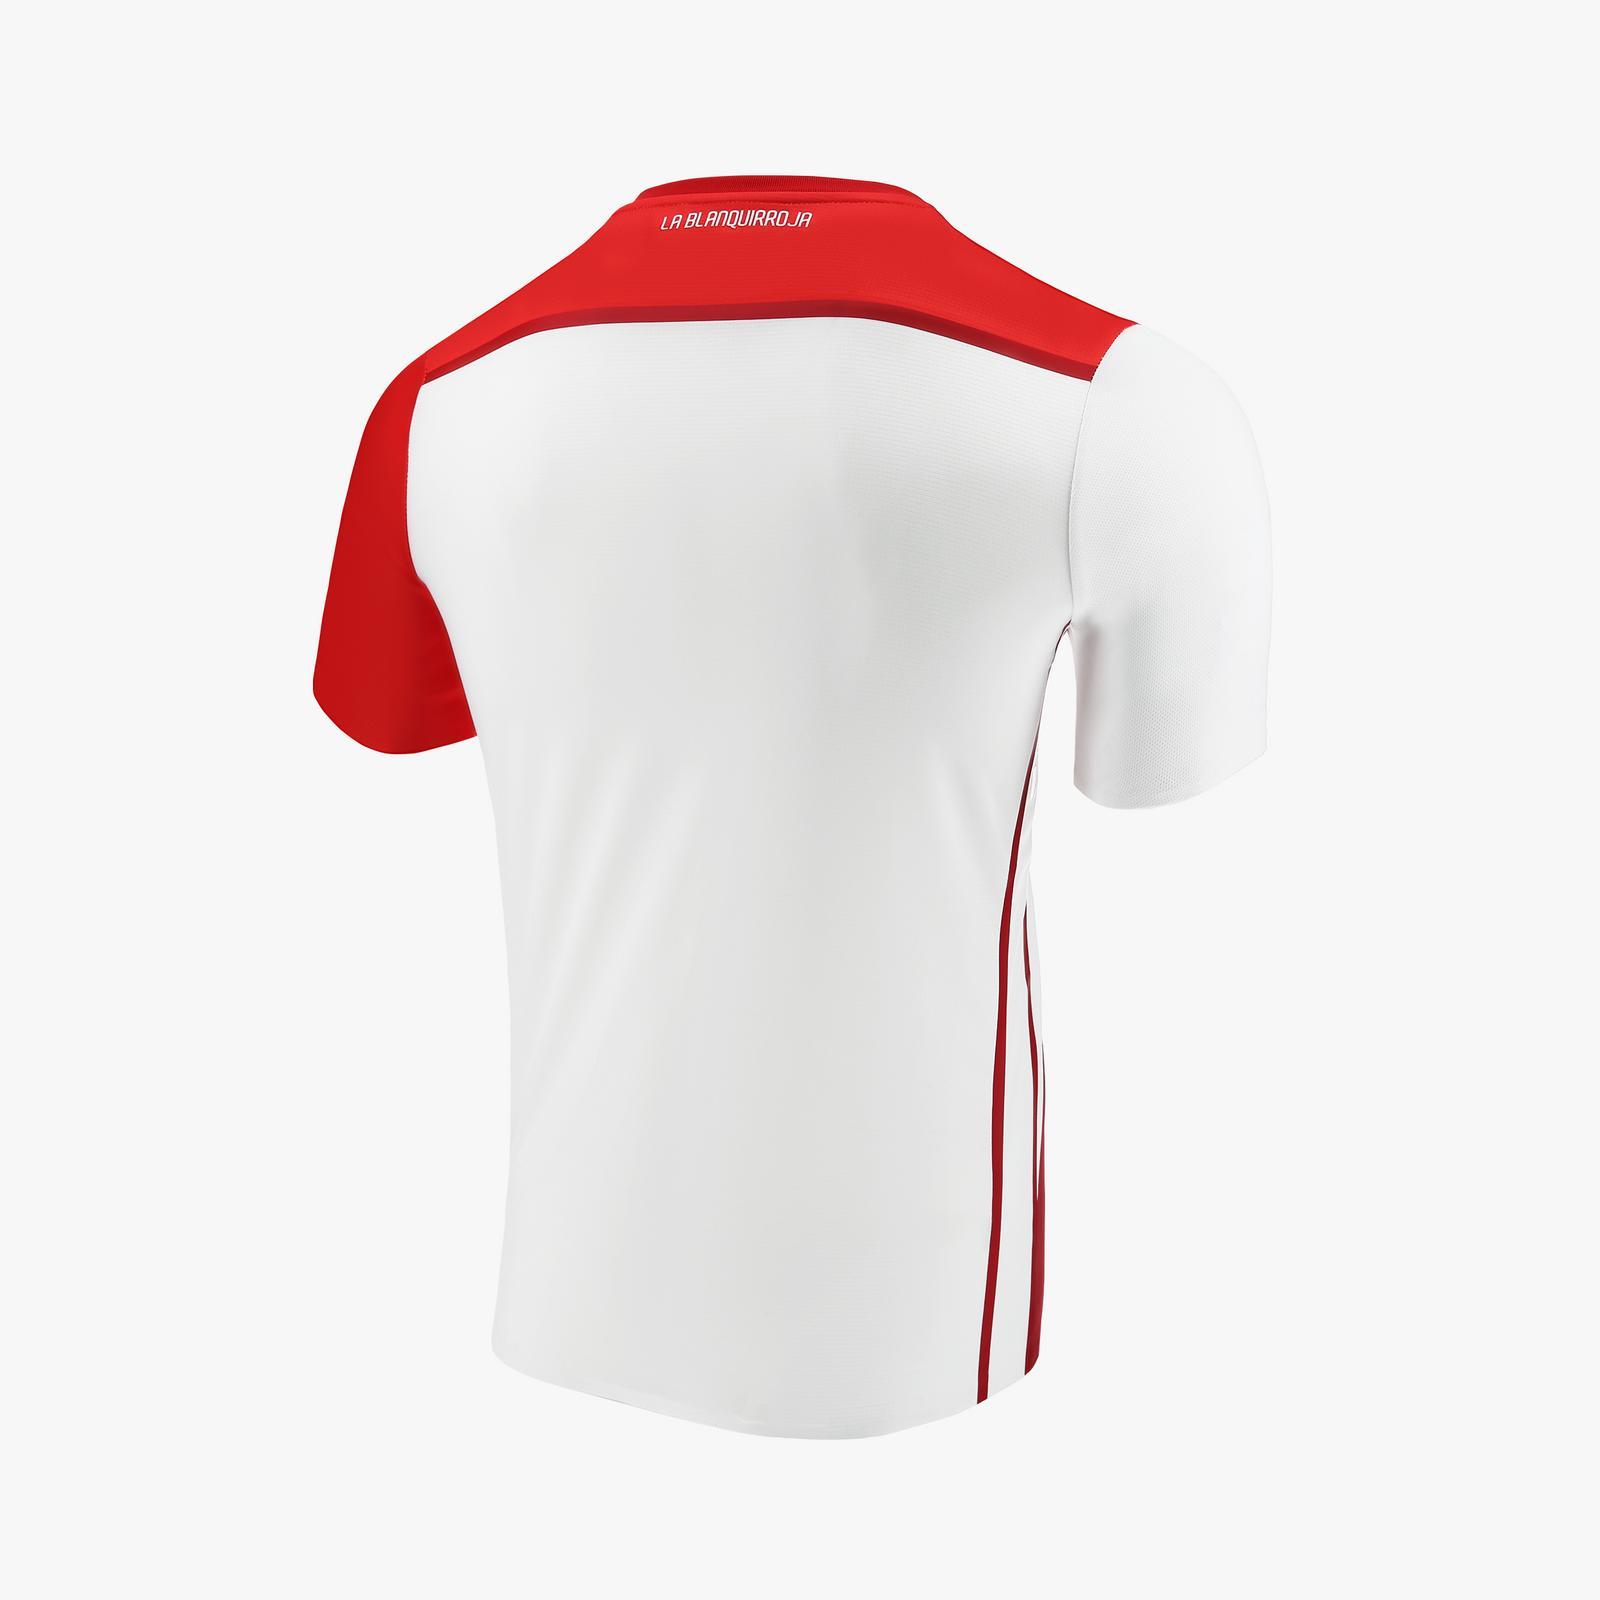 033c5fbc5c4 Peru 2018-19 Marathon Home Kit | 18/19 Kits | Football shirt blog